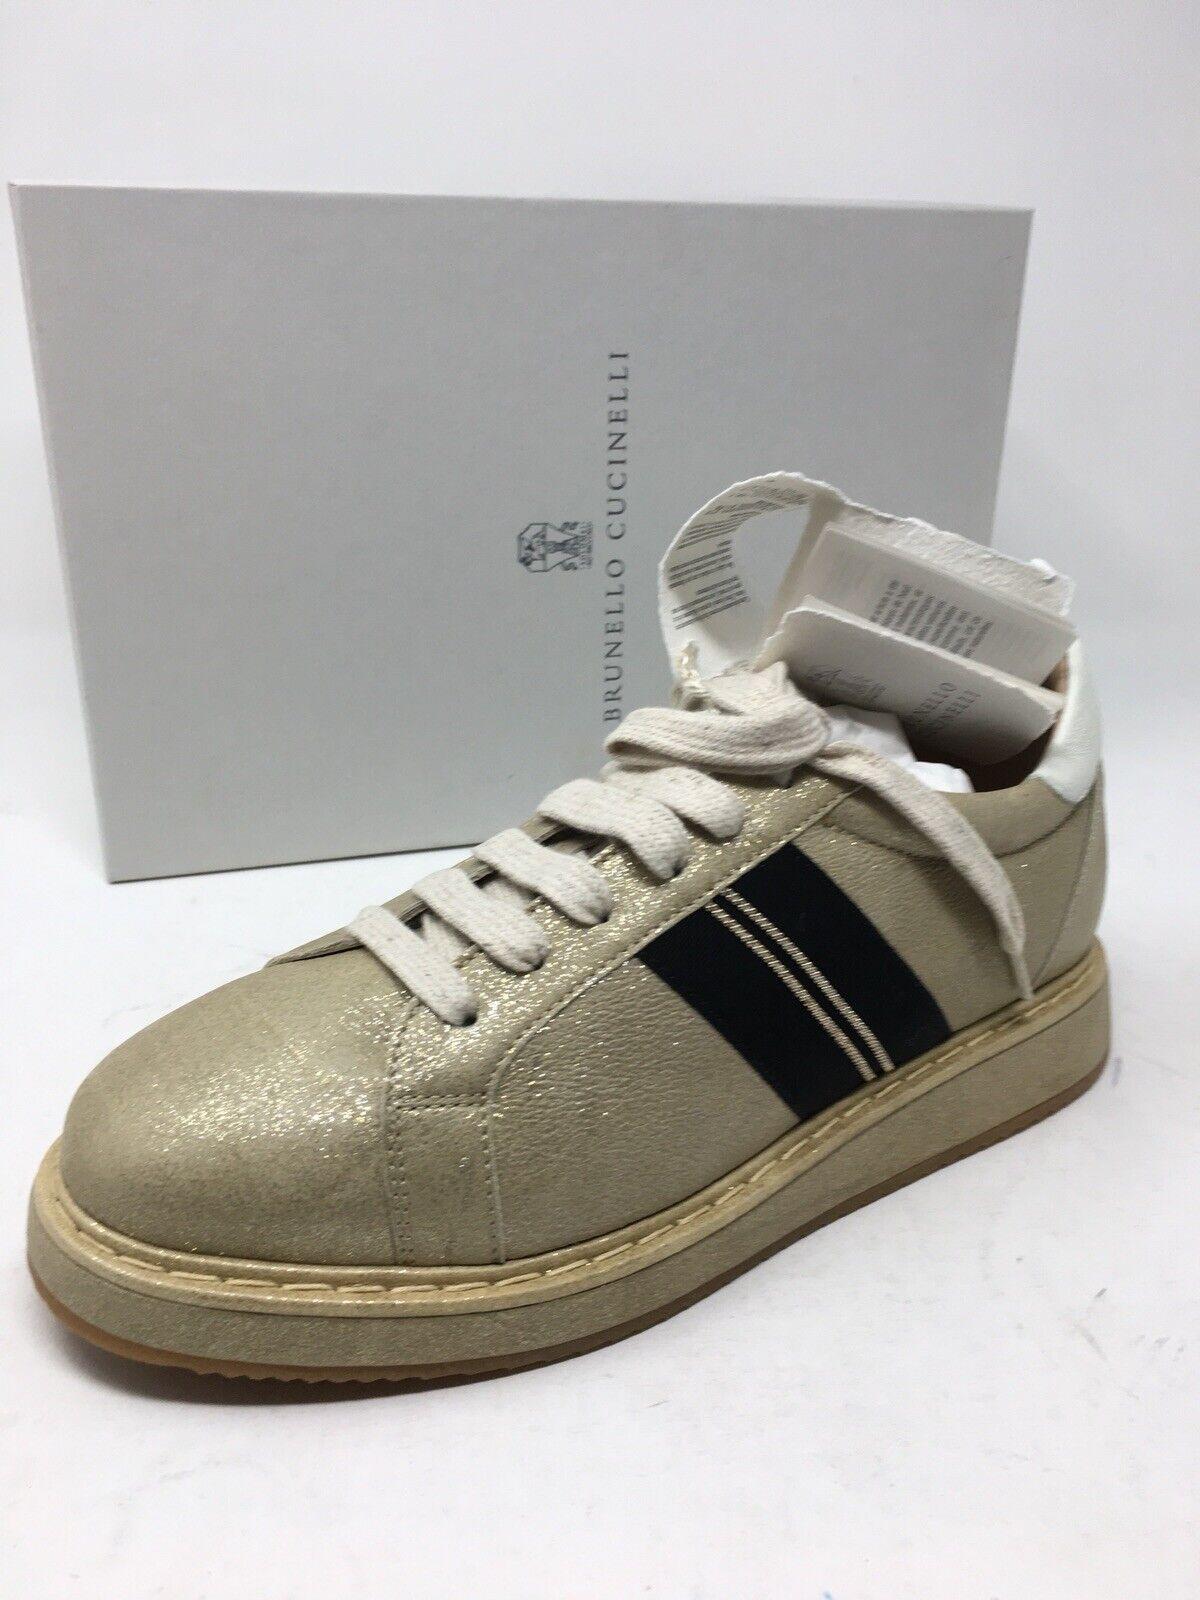 1245 New Brunello Cucinelli mujer zapatos zapatillas oro Beige Talla 8.5 US 38.5